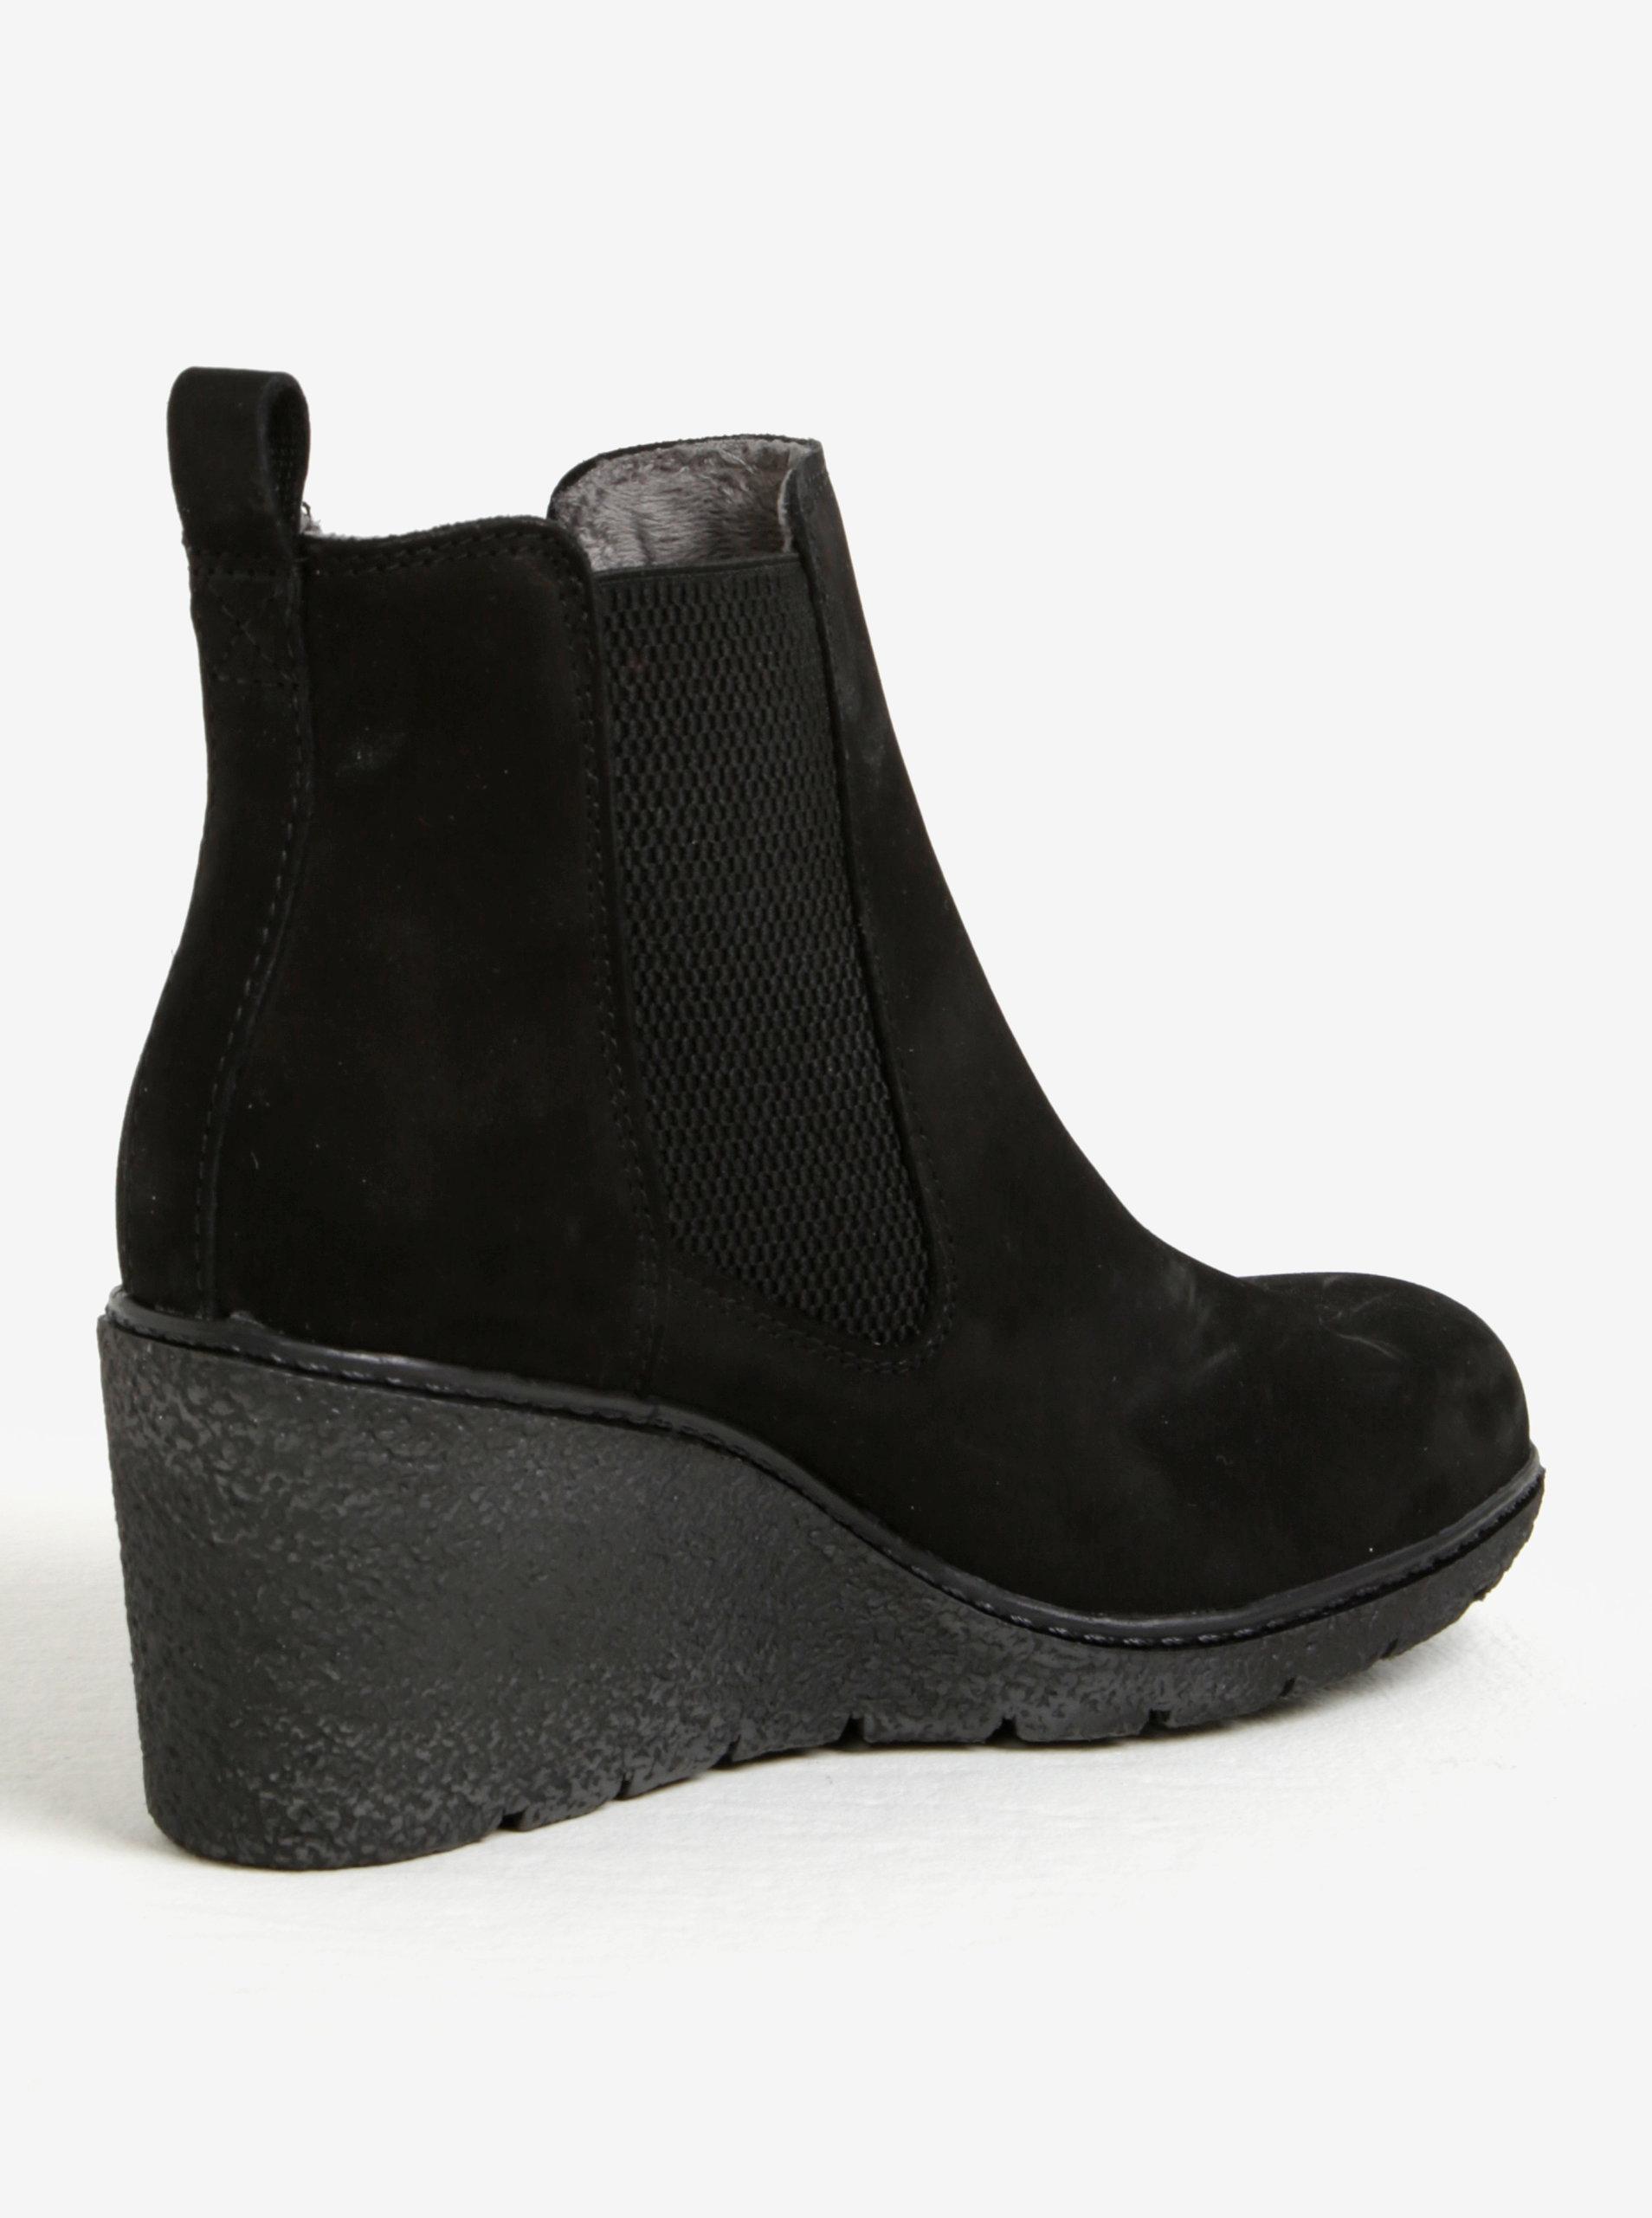 3008afd3c7c0 Čierne kožené chelsea topánky na plnom opätku Tamaris ...